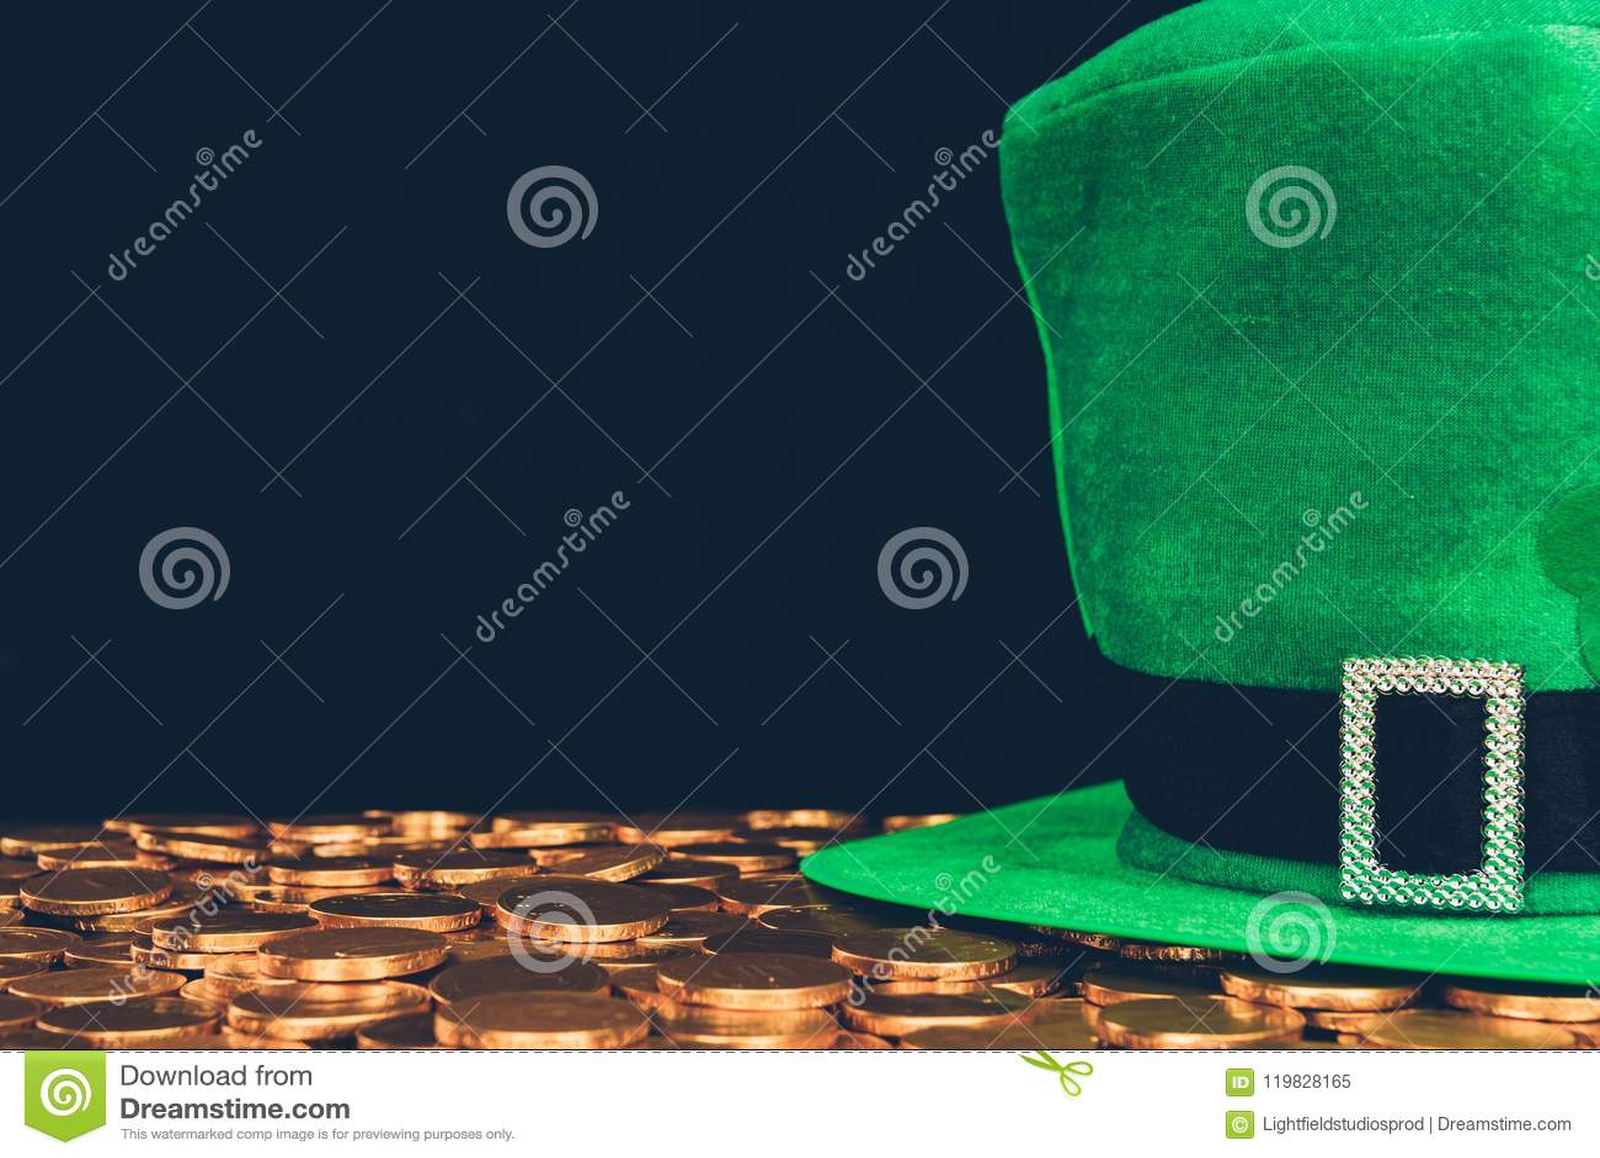 Cappello verde sulle monete dorate isolate sul nero, concetto di giorno dei patricks della st